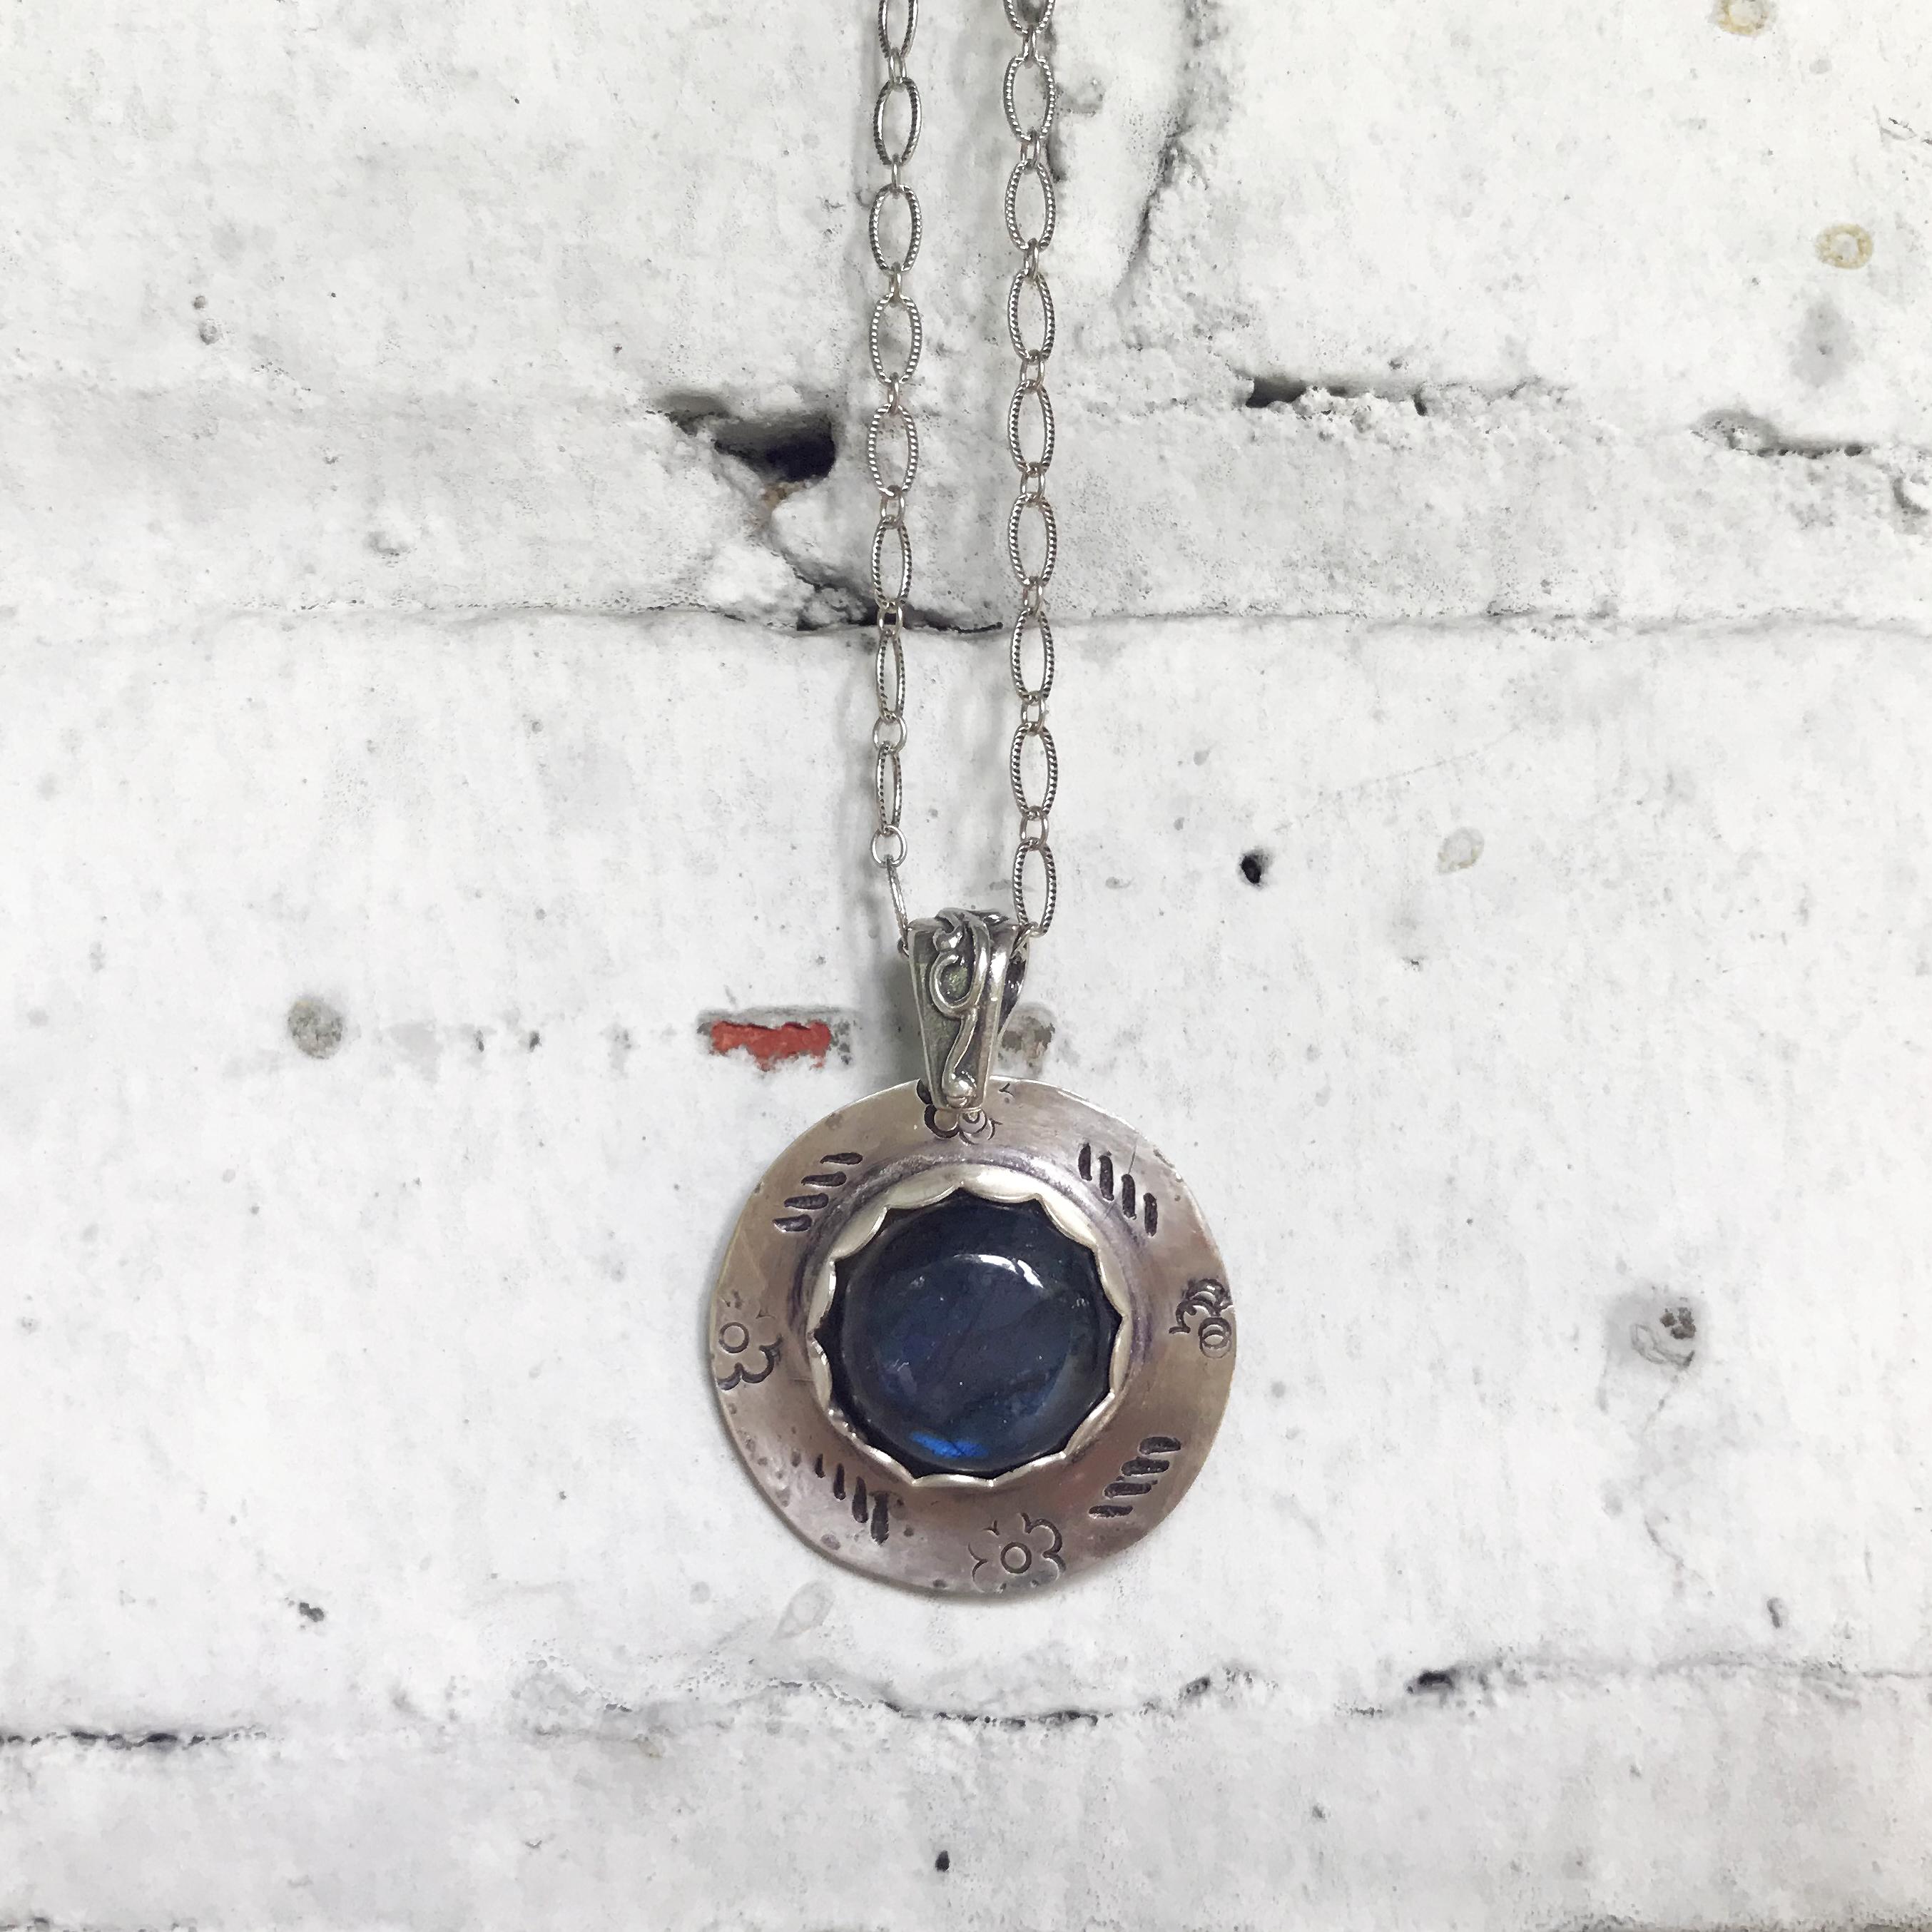 labradorite necklace made in buffalo